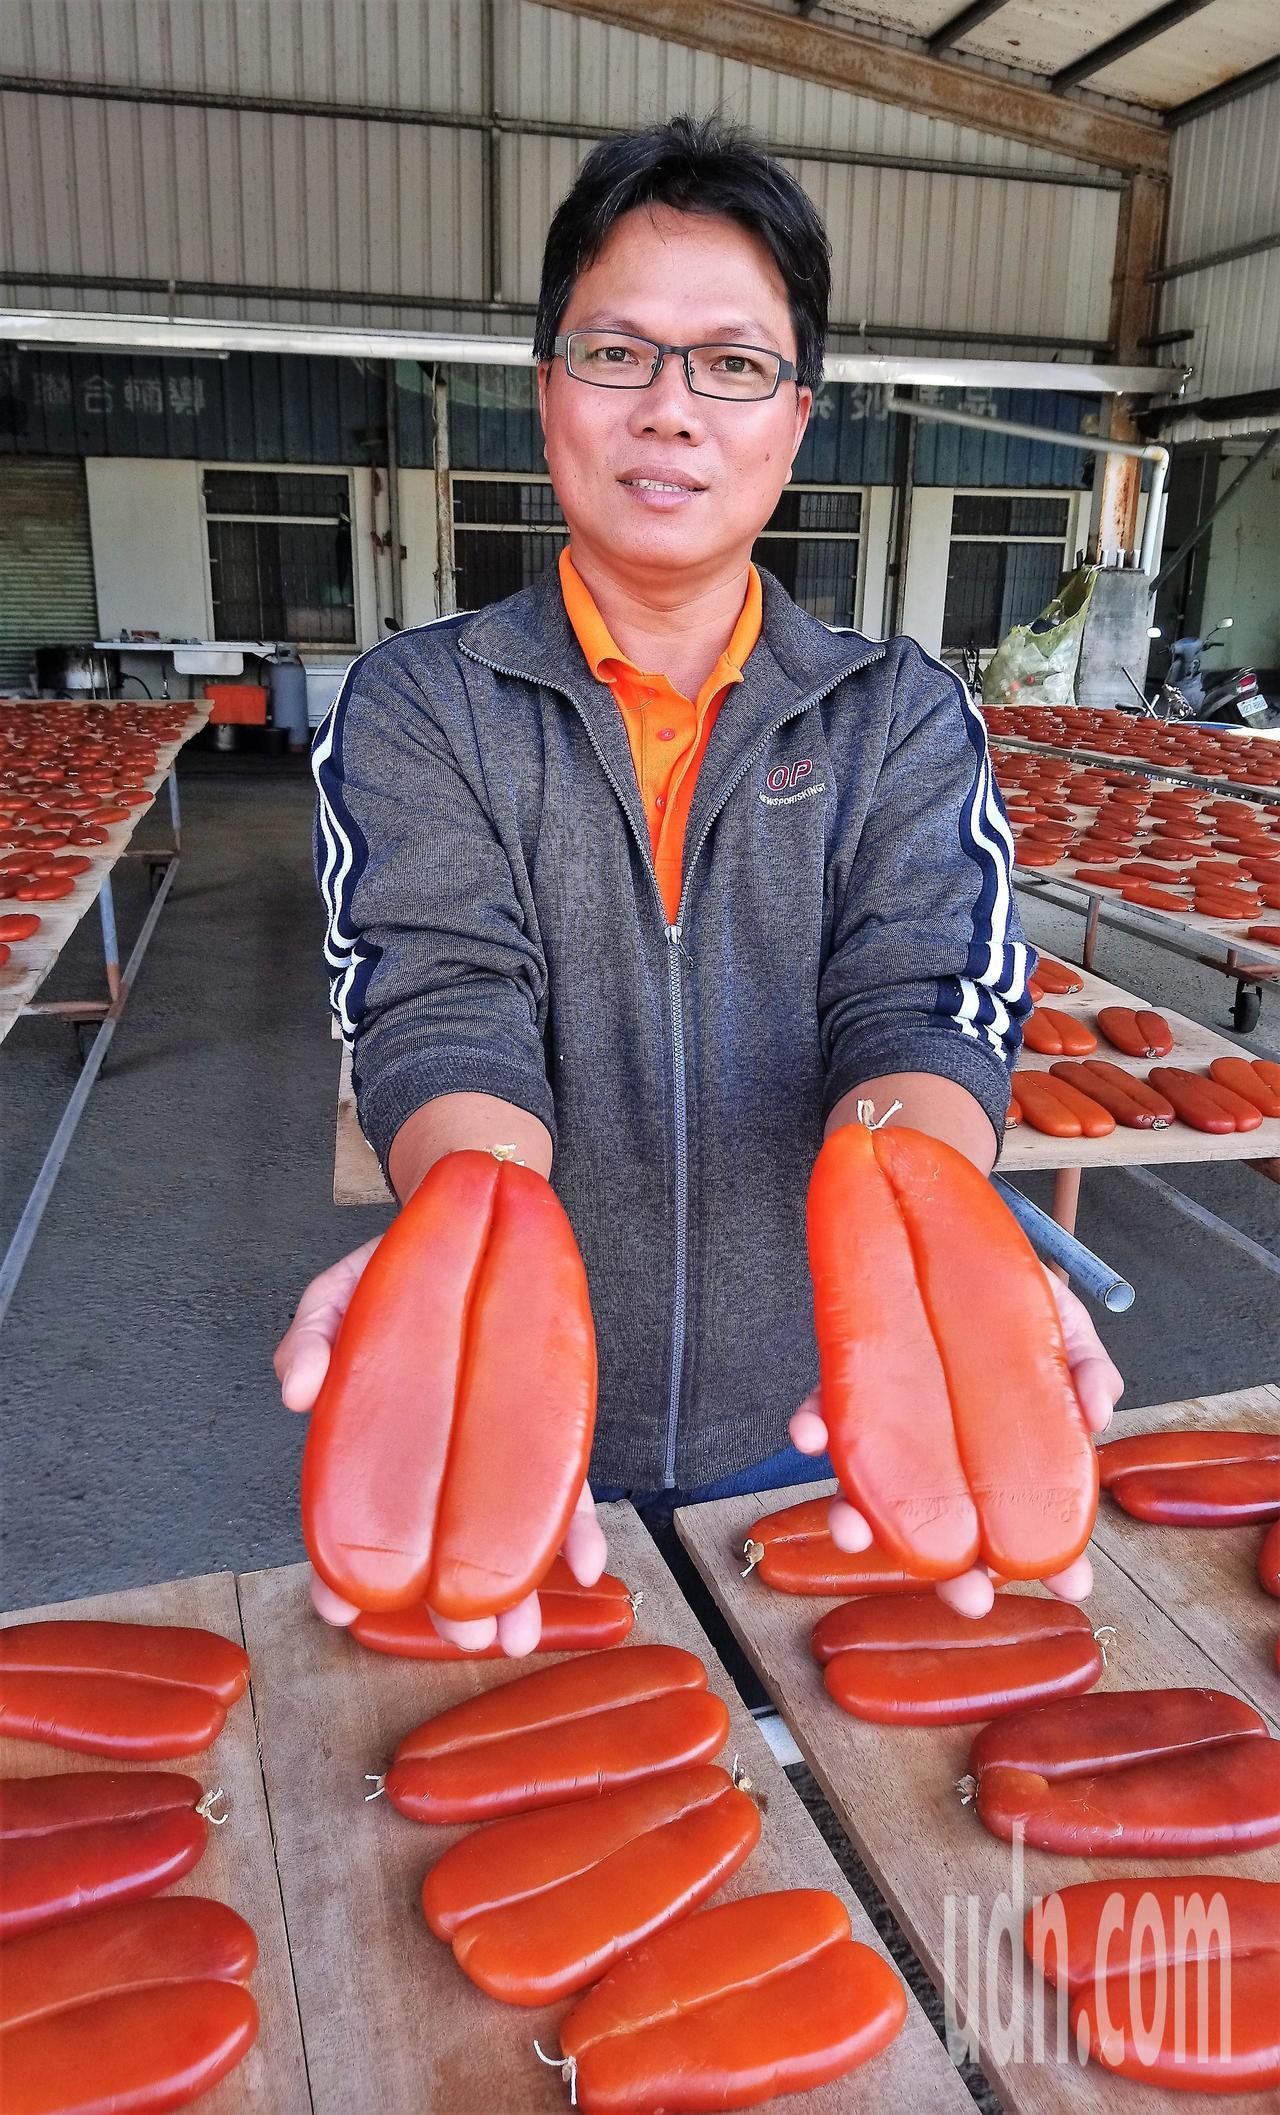 蔡鳳祺表示,雲嘉地區養殖烏魚每年11月後最肥美,烏魚卵也相對豐厚,是製作烏魚子最...